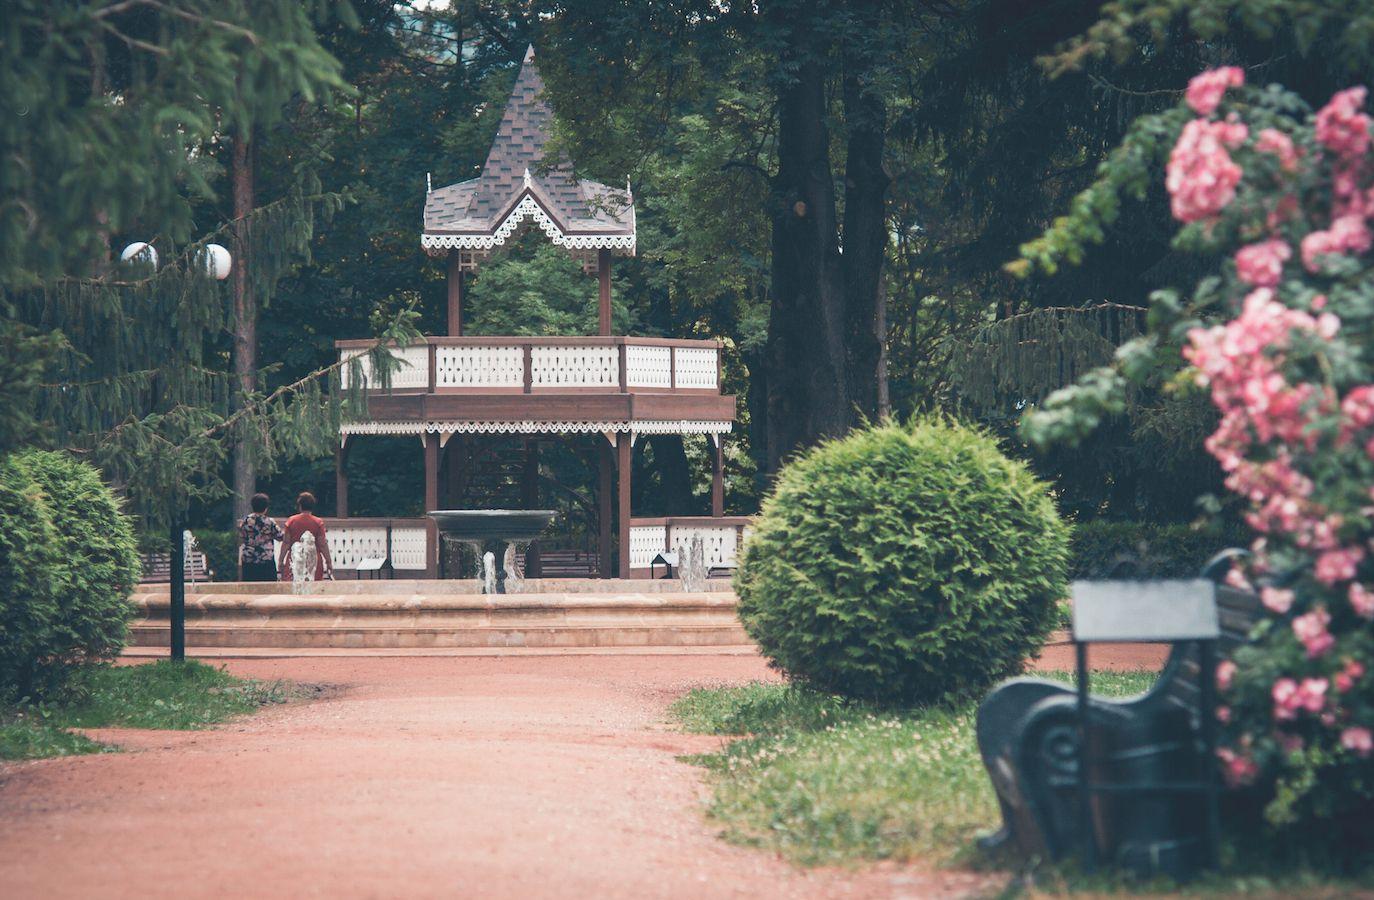 carskaya ploshchadka s besedkoy hram lyubvi v kislovodskom parke